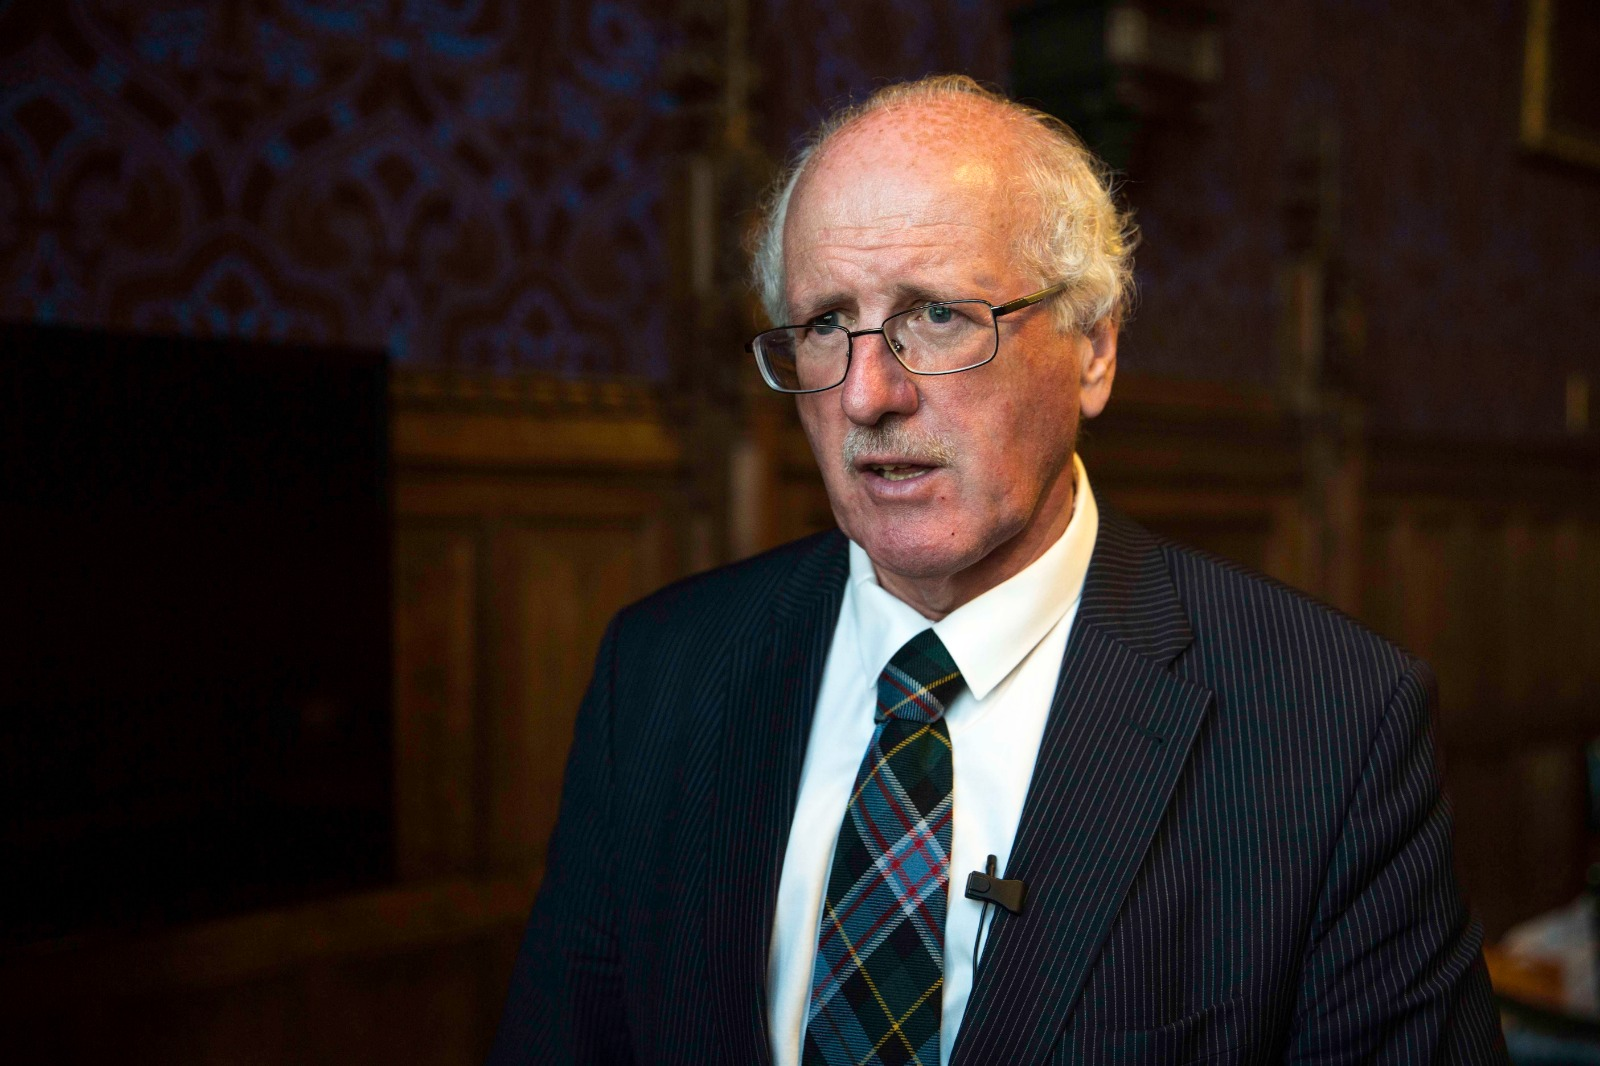 7月16日傍晚,英國國會北愛爾蘭選區議員吉姆‧香農(Jim Shannon)主持出席在英國議會大廈內部舉辦的關於英國幫助制止中共迫害法輪功的研討會。(冠奇/大紀元)